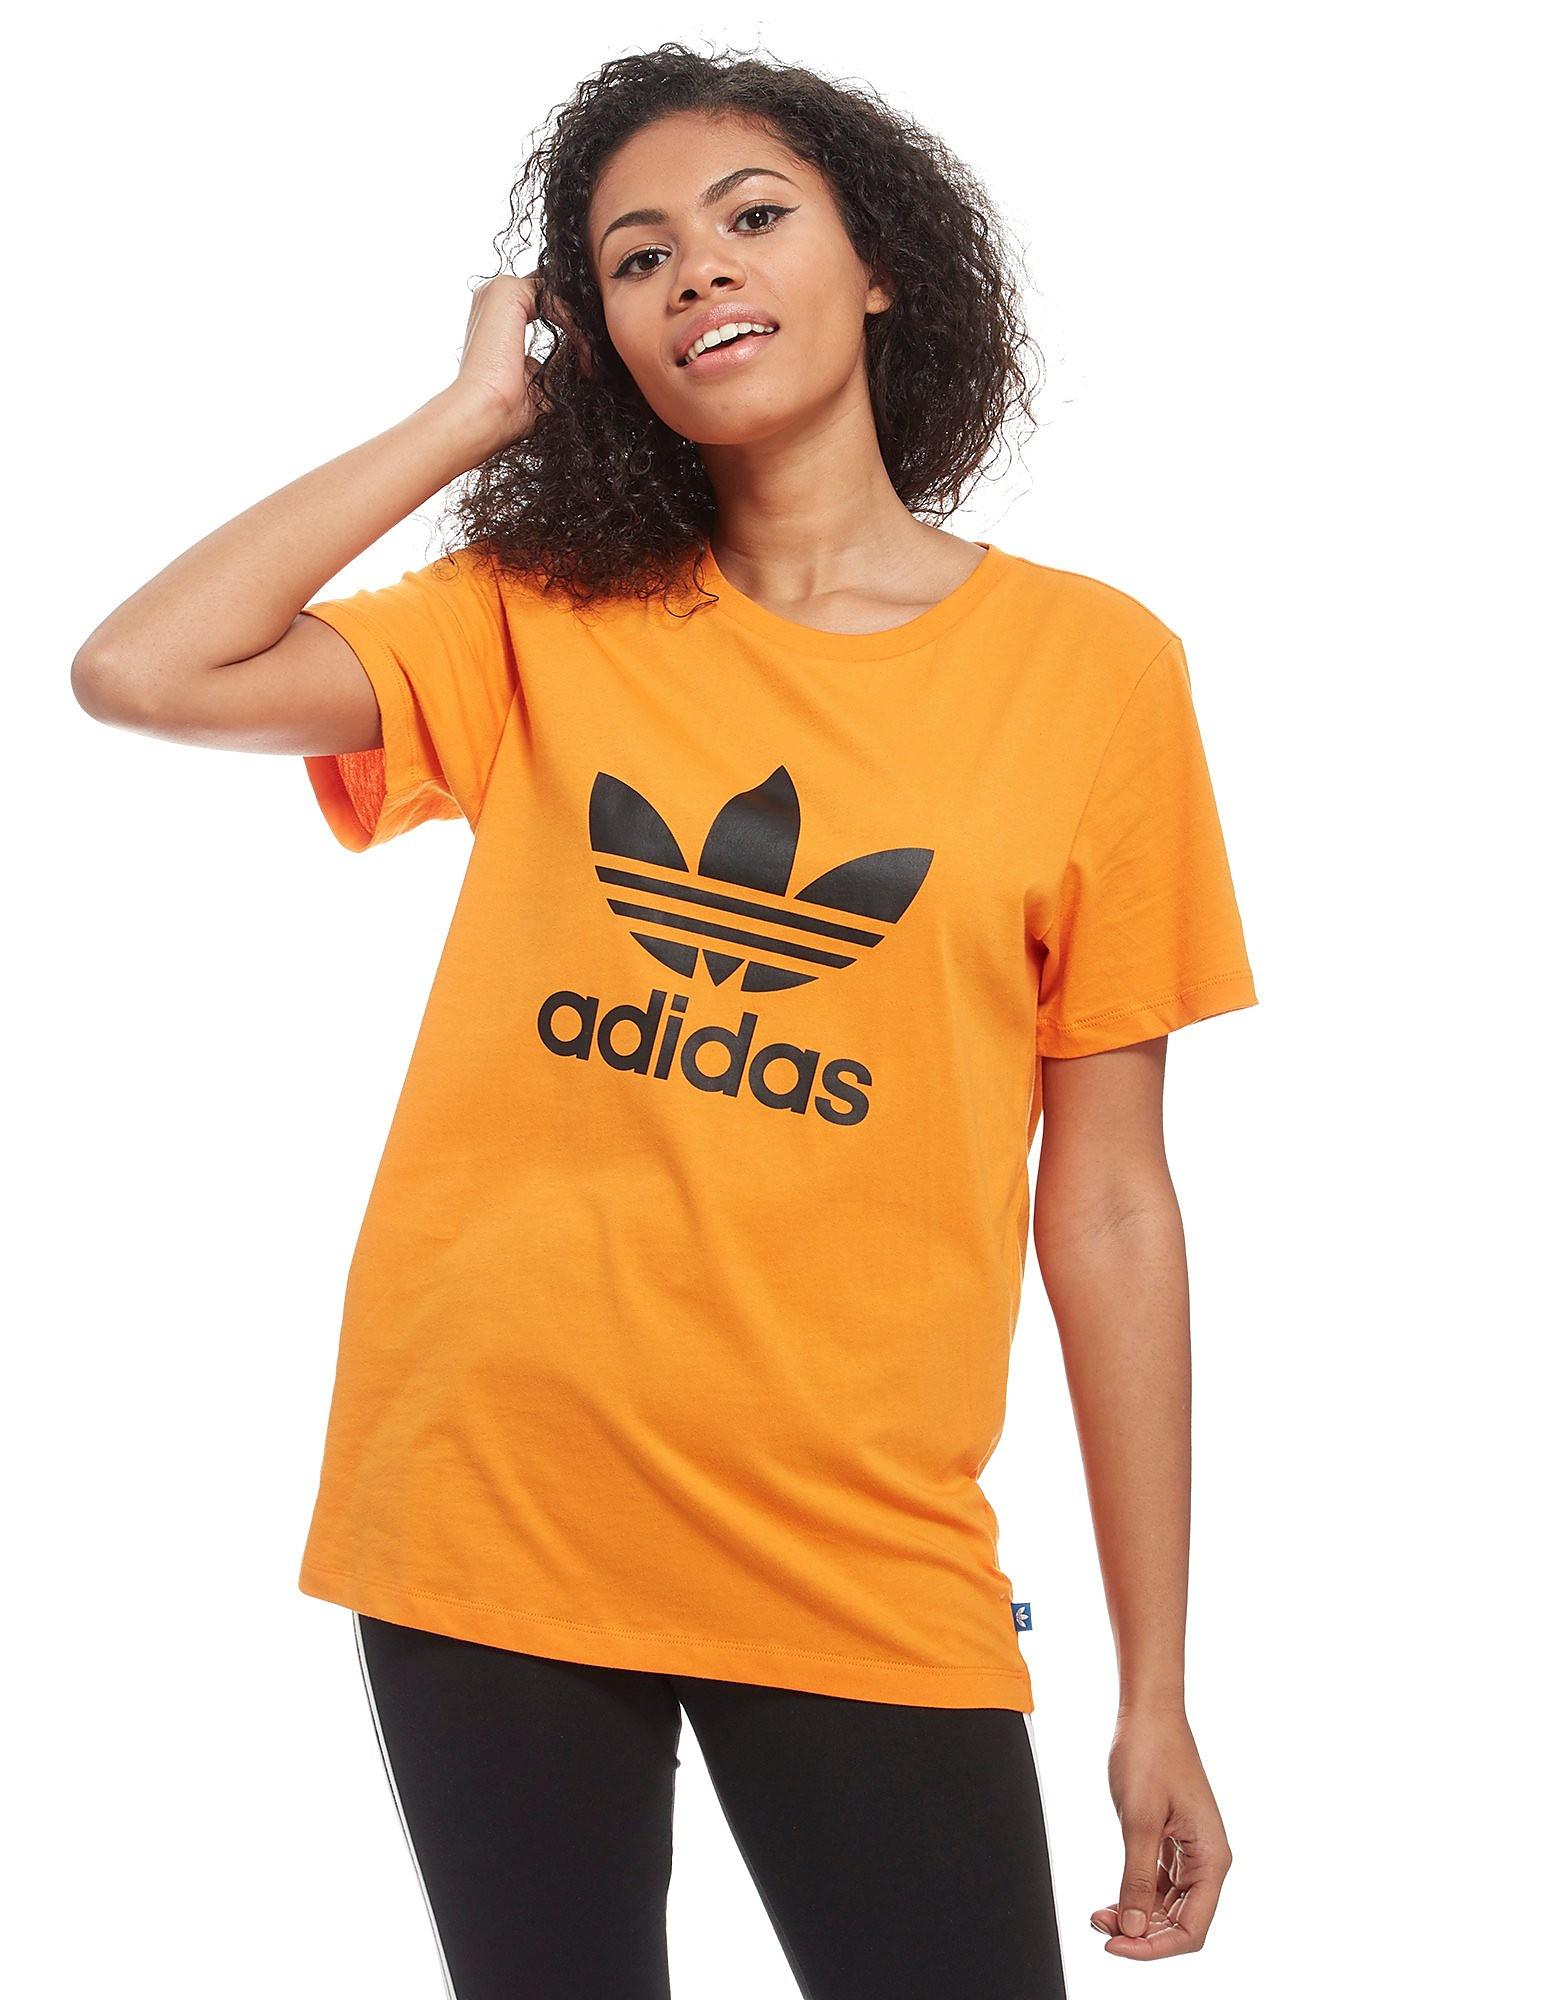 adidas Originals camiseta Trefoil Boyfriend